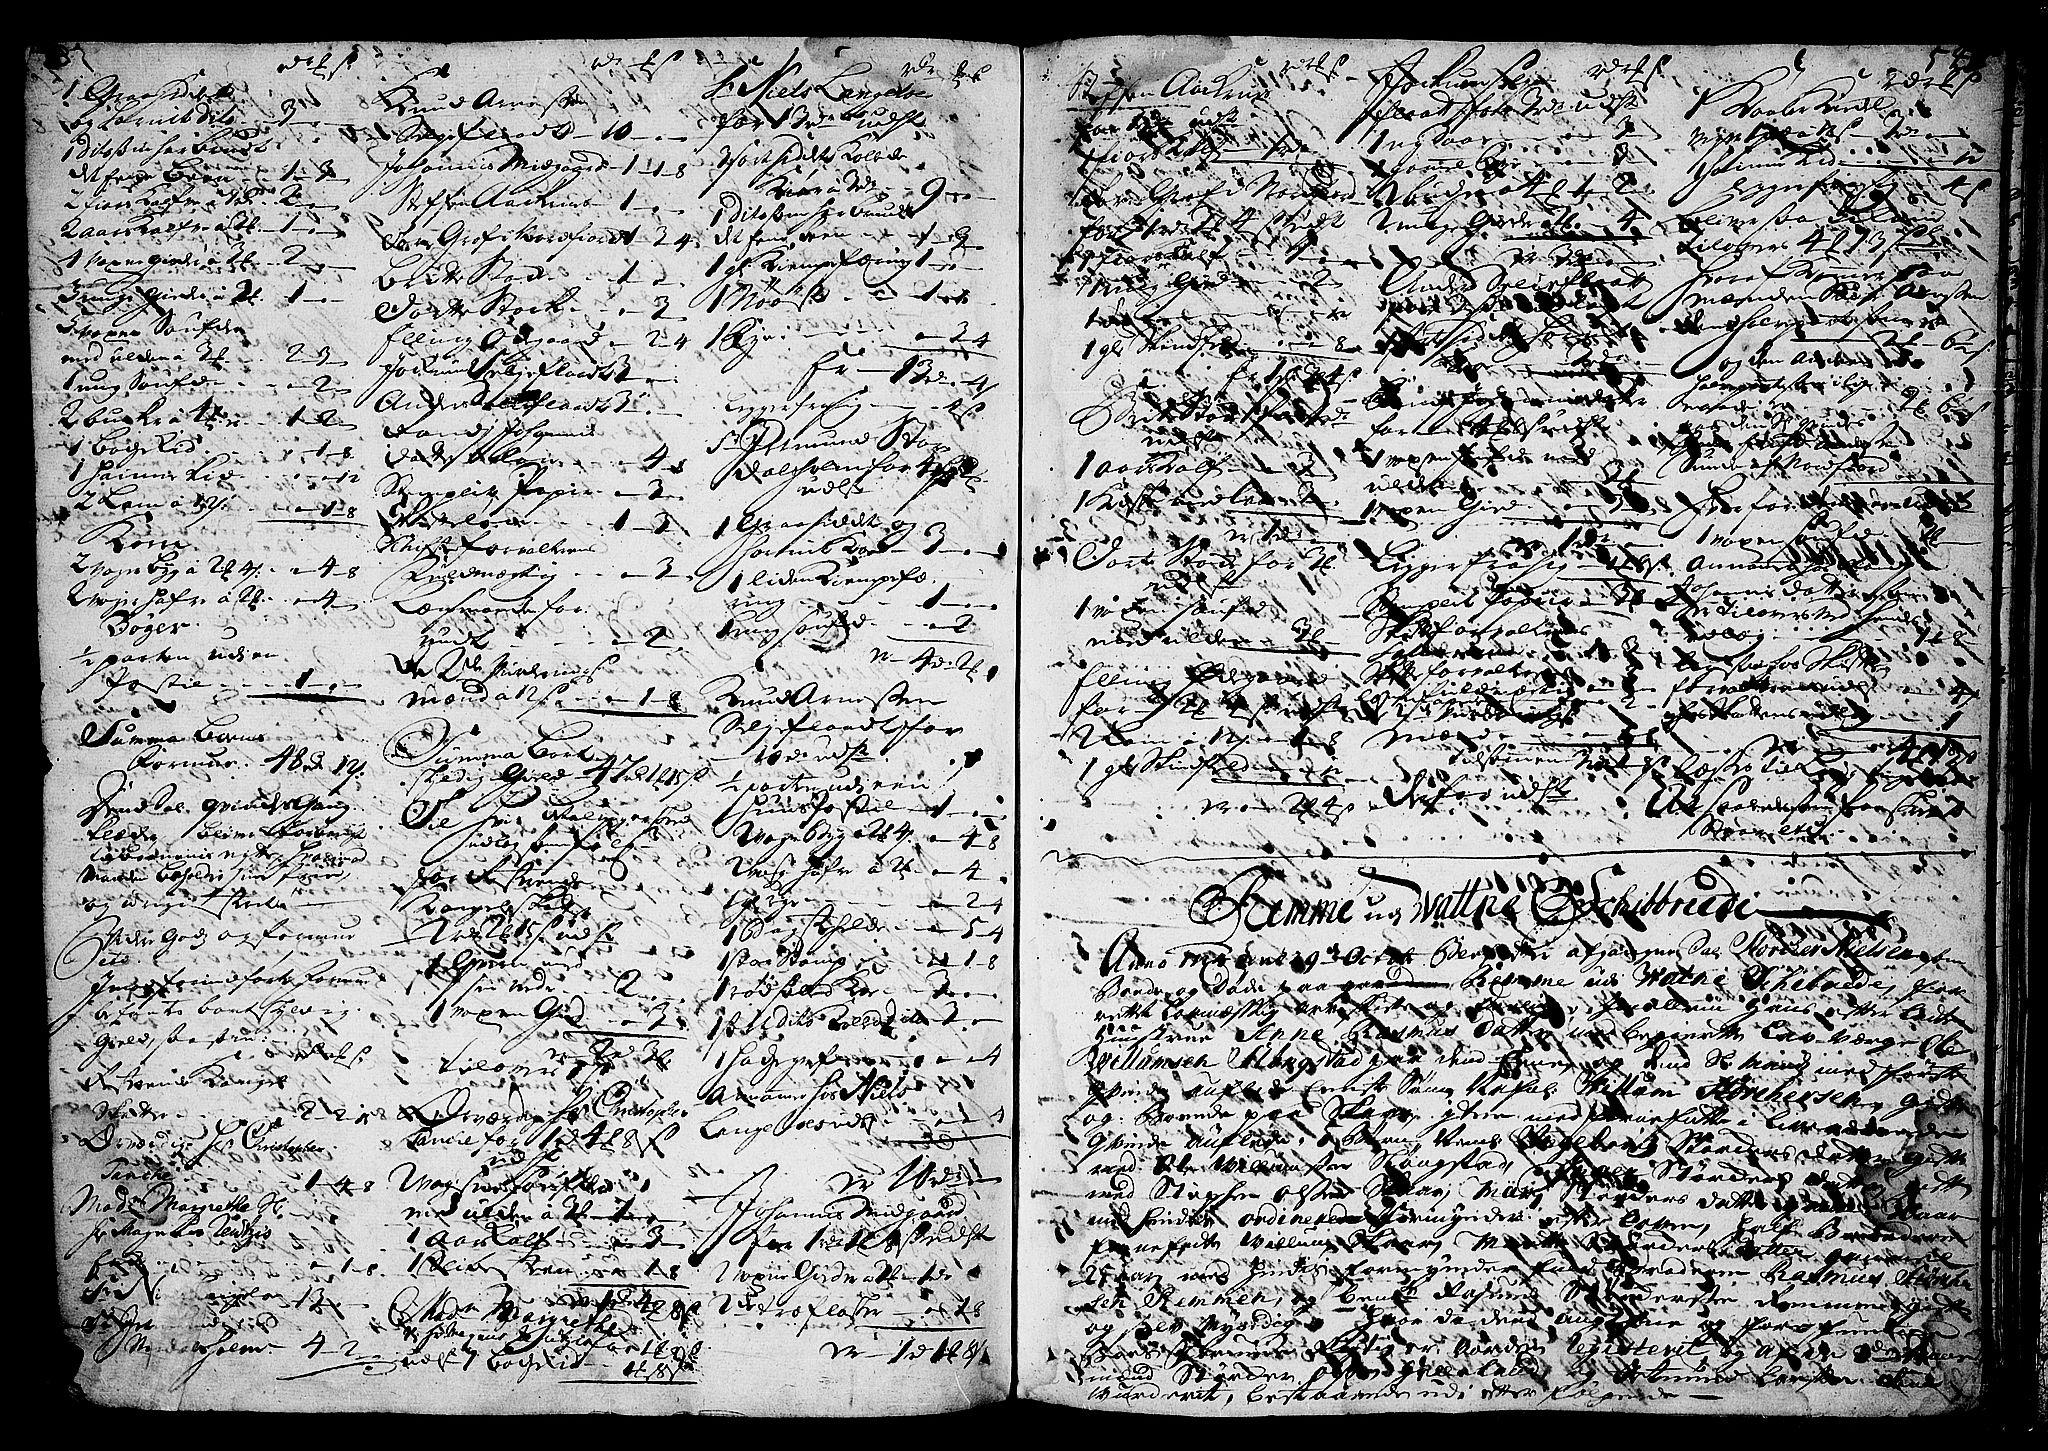 SAT, Sunnmøre sorenskriveri, 3/3A/L0007: Skifteprotokoll 05B, 1723-1725, s. 542b-543a